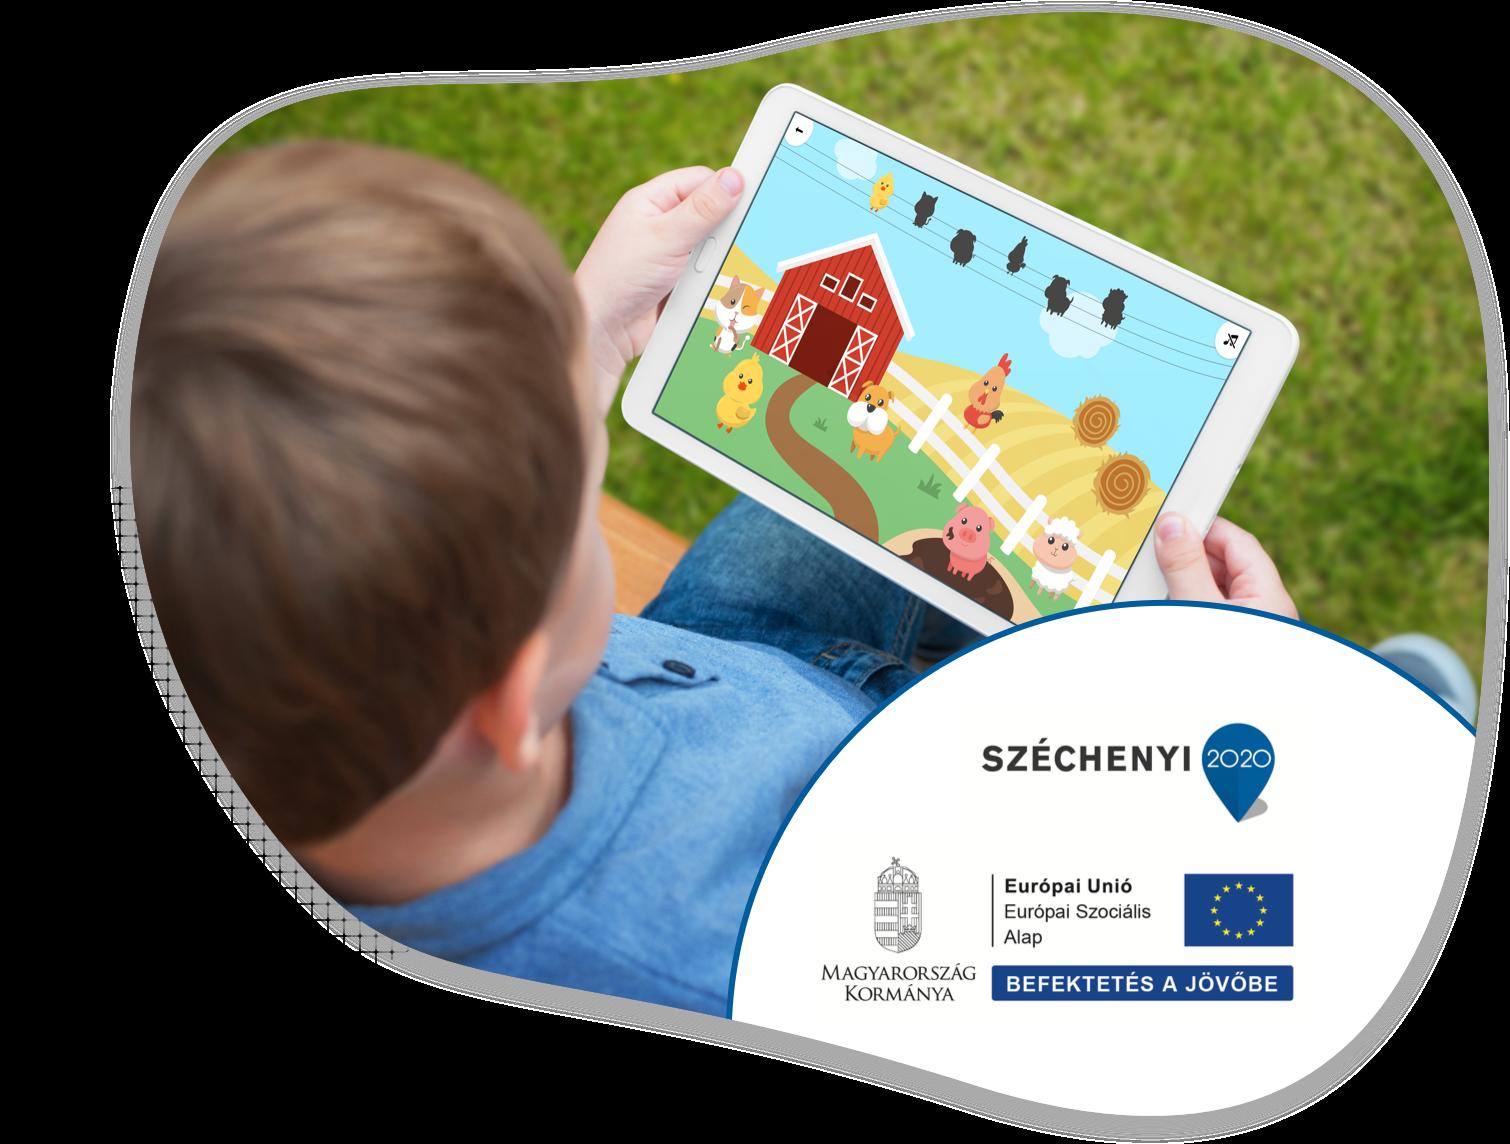 Széchenyi 2020 pályázat, Európai Szociális Alap, Játék a tanyán app